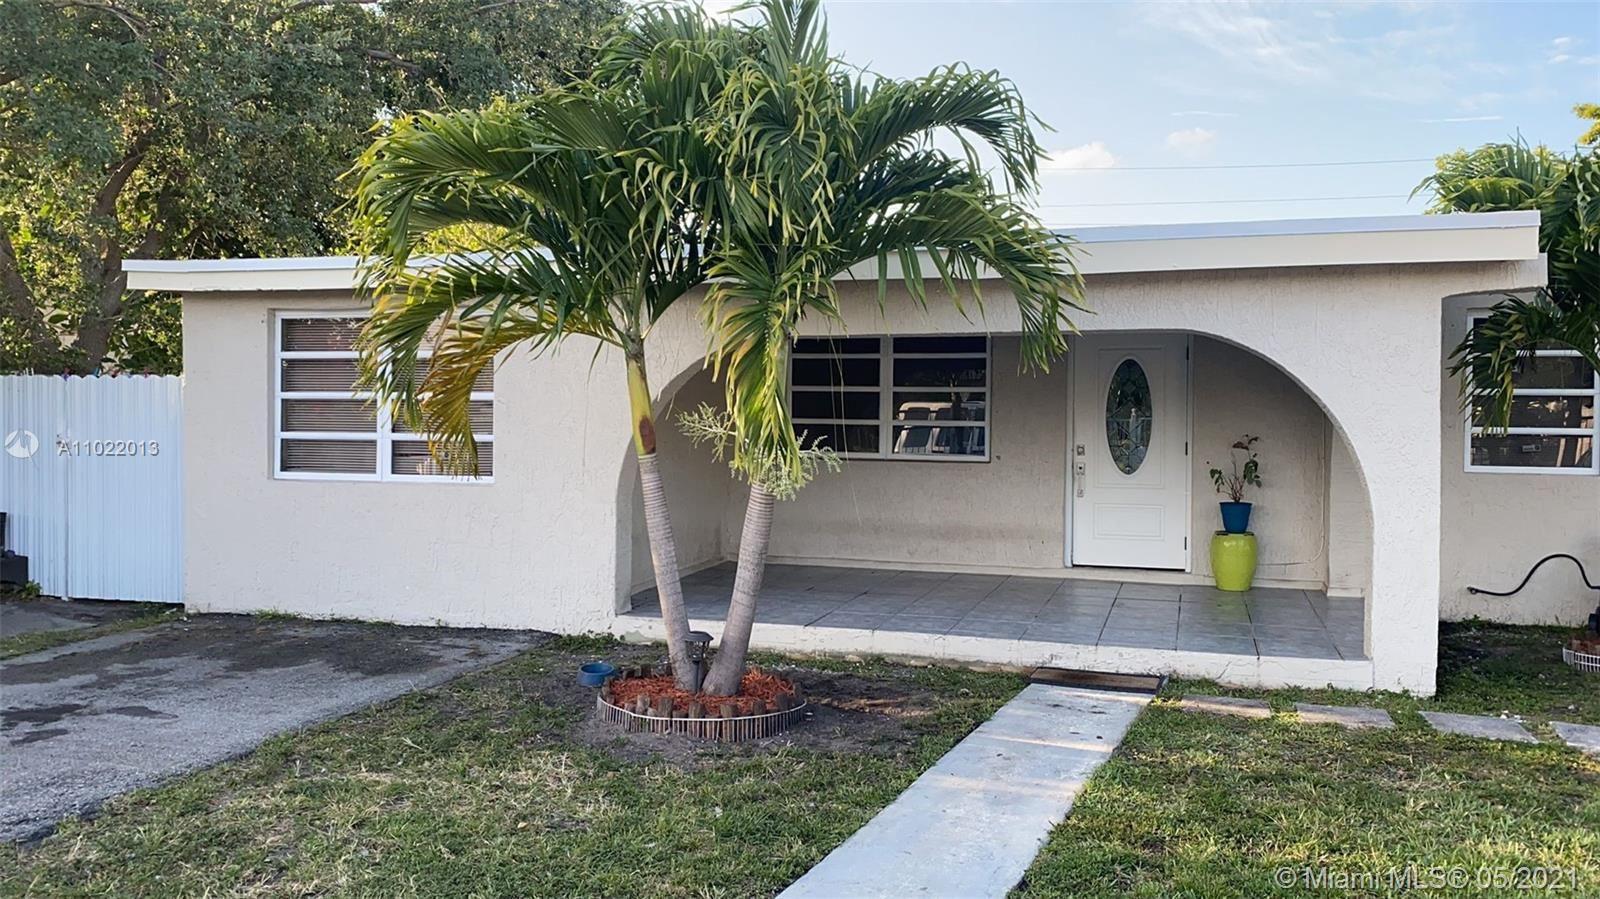 255 NW 181st St, Miami Gardens, FL 33169 - #: A11022013